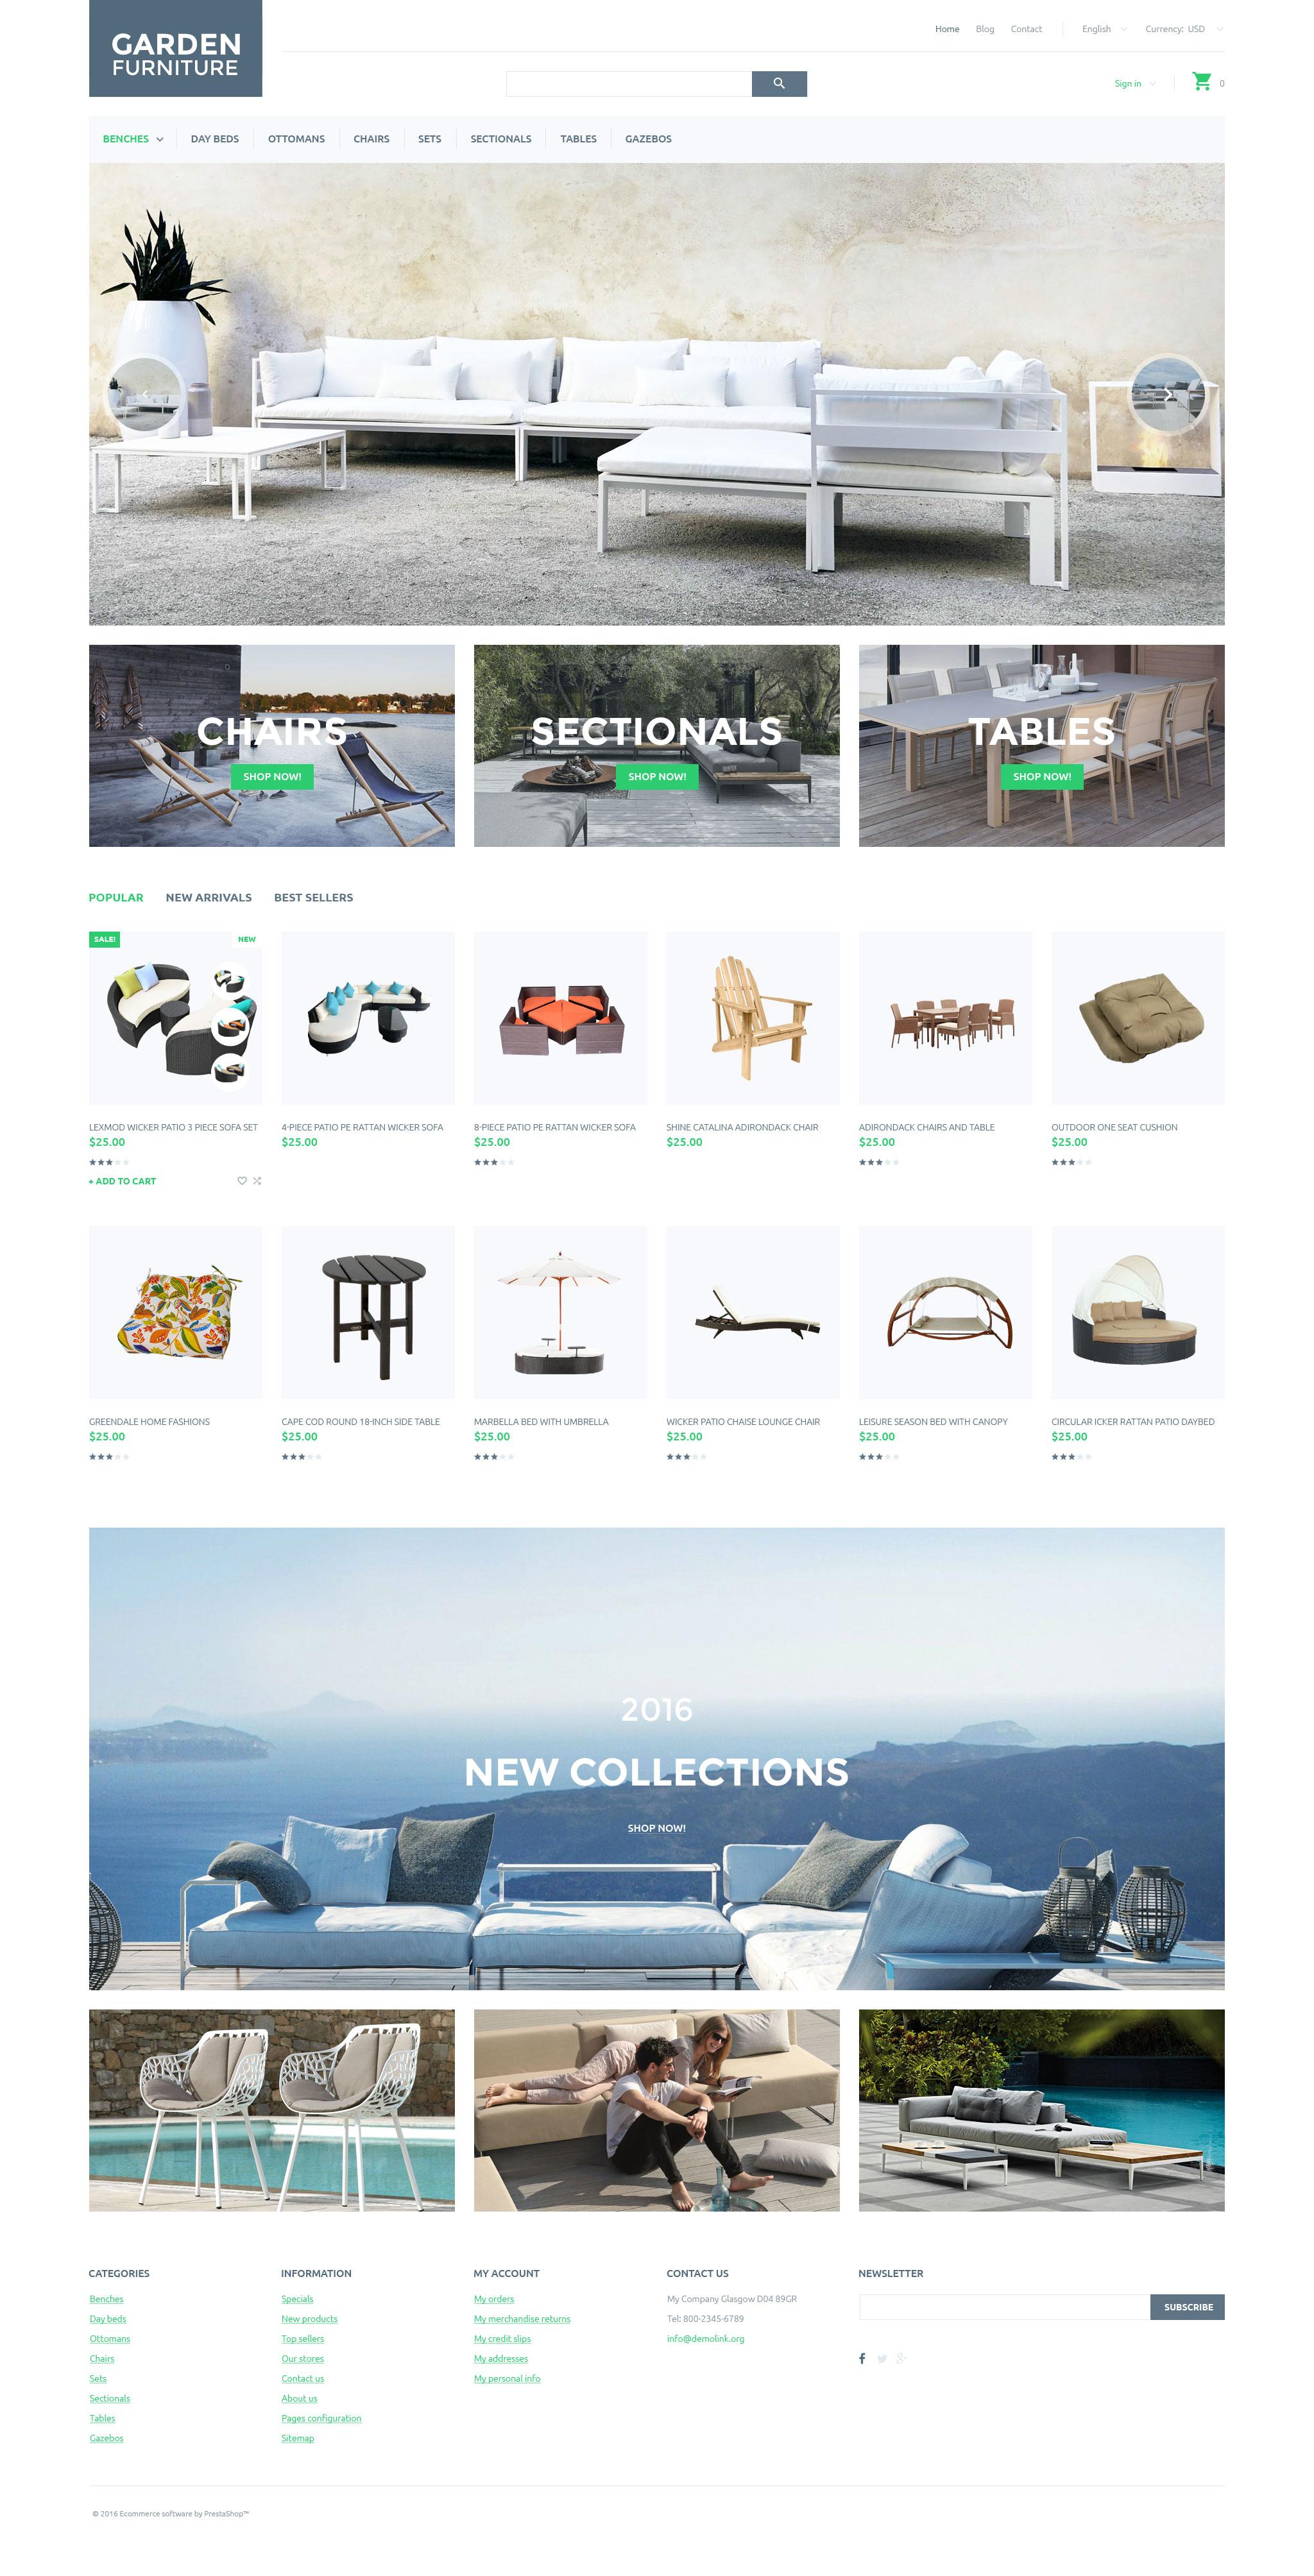 Reszponzív Garden Furniture PrestaShop sablon 58023 - képernyőkép